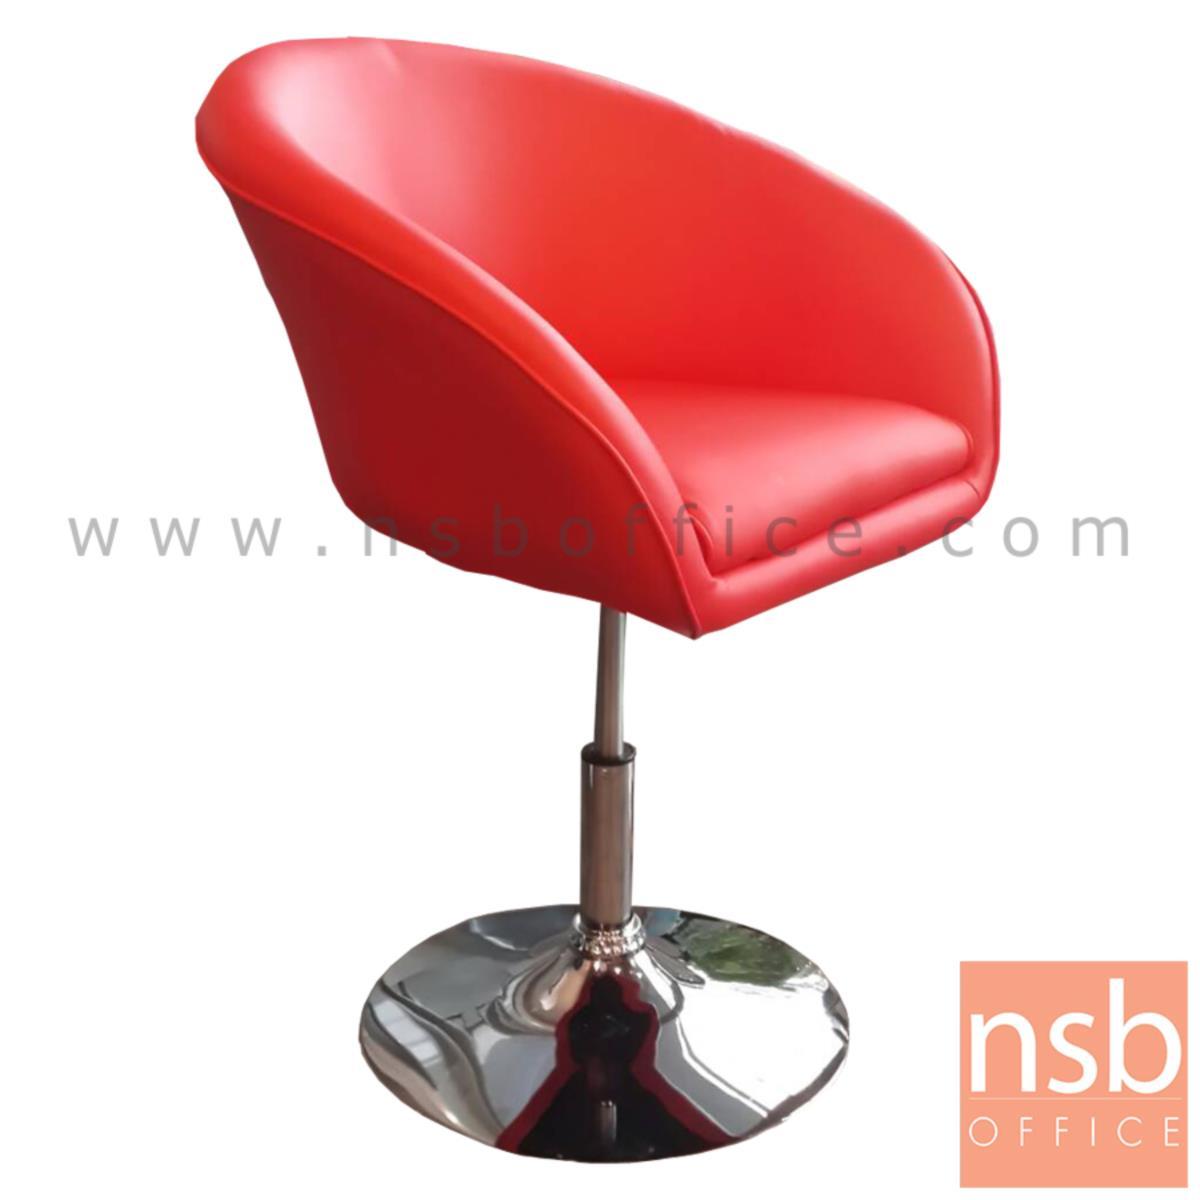 B34A001:เก้าอี้โมเดิร์นหนังเทียม รุ่น Kevin (กวิน)  ขาเหล็กชุบโครเมี่ยม